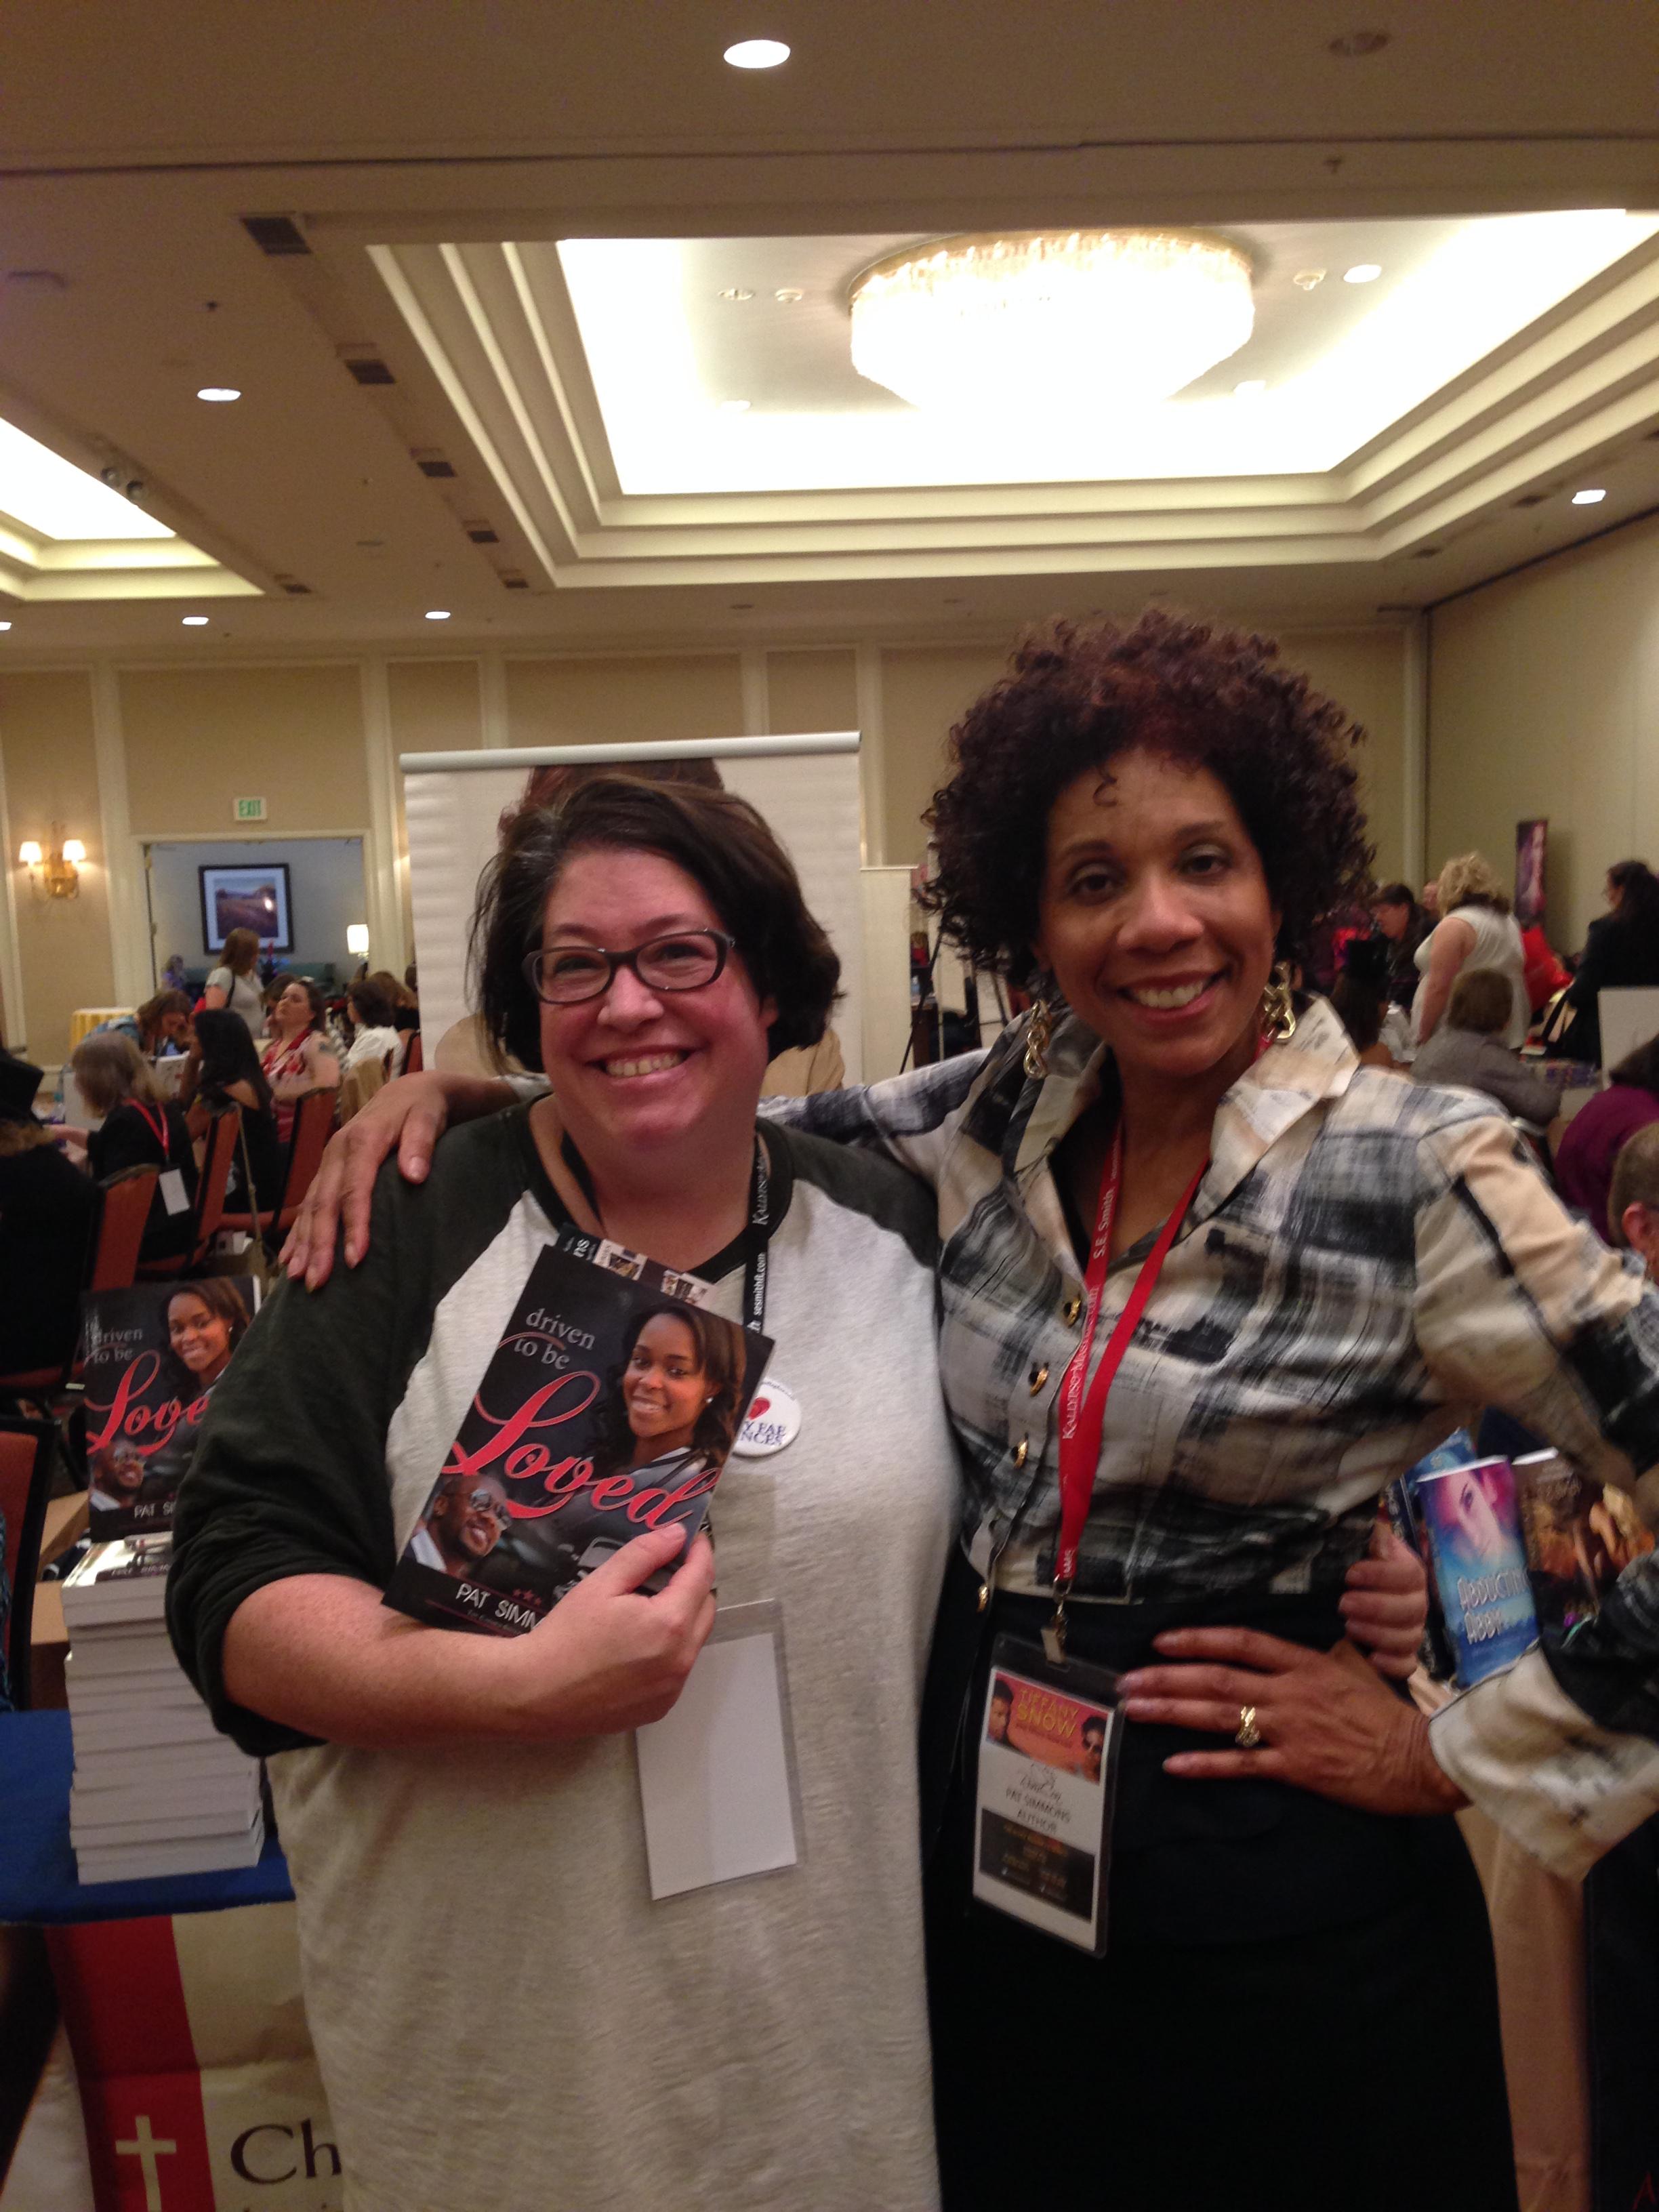 Reader and fan Shannon Bostwick